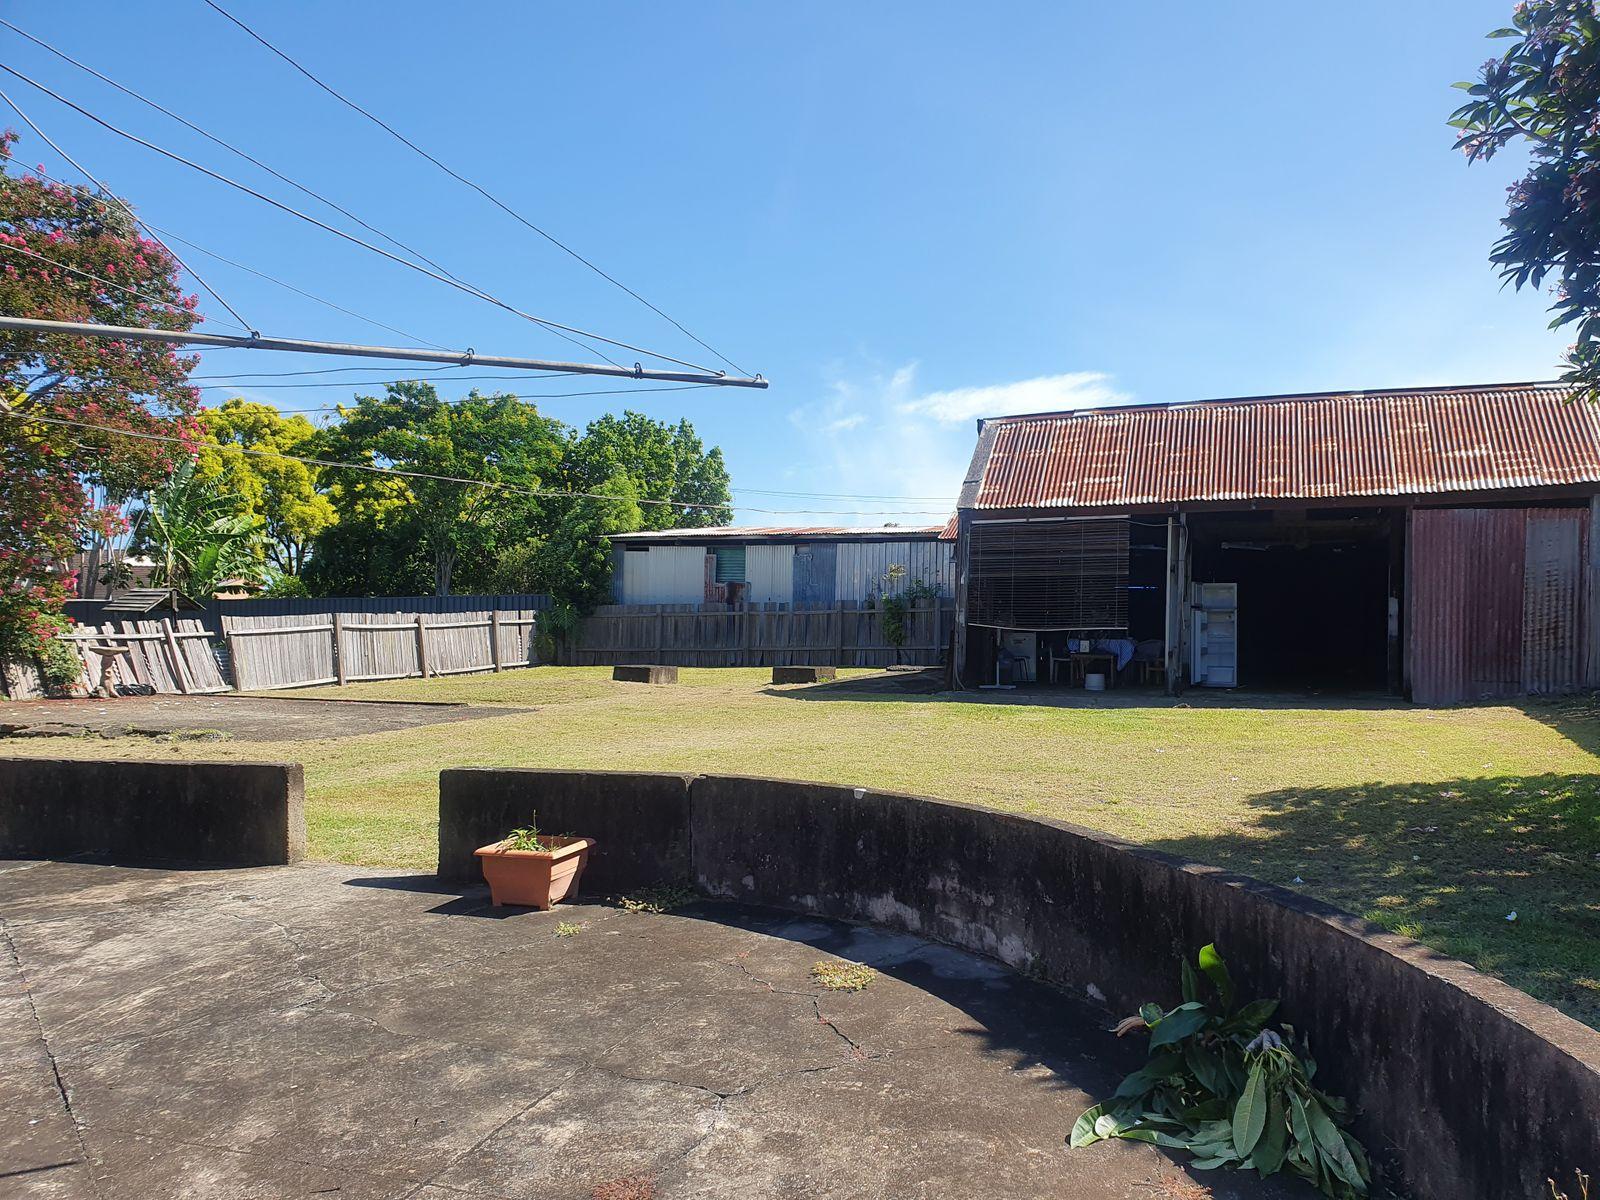 2/4 Boomerang Street, Taree, NSW 2430